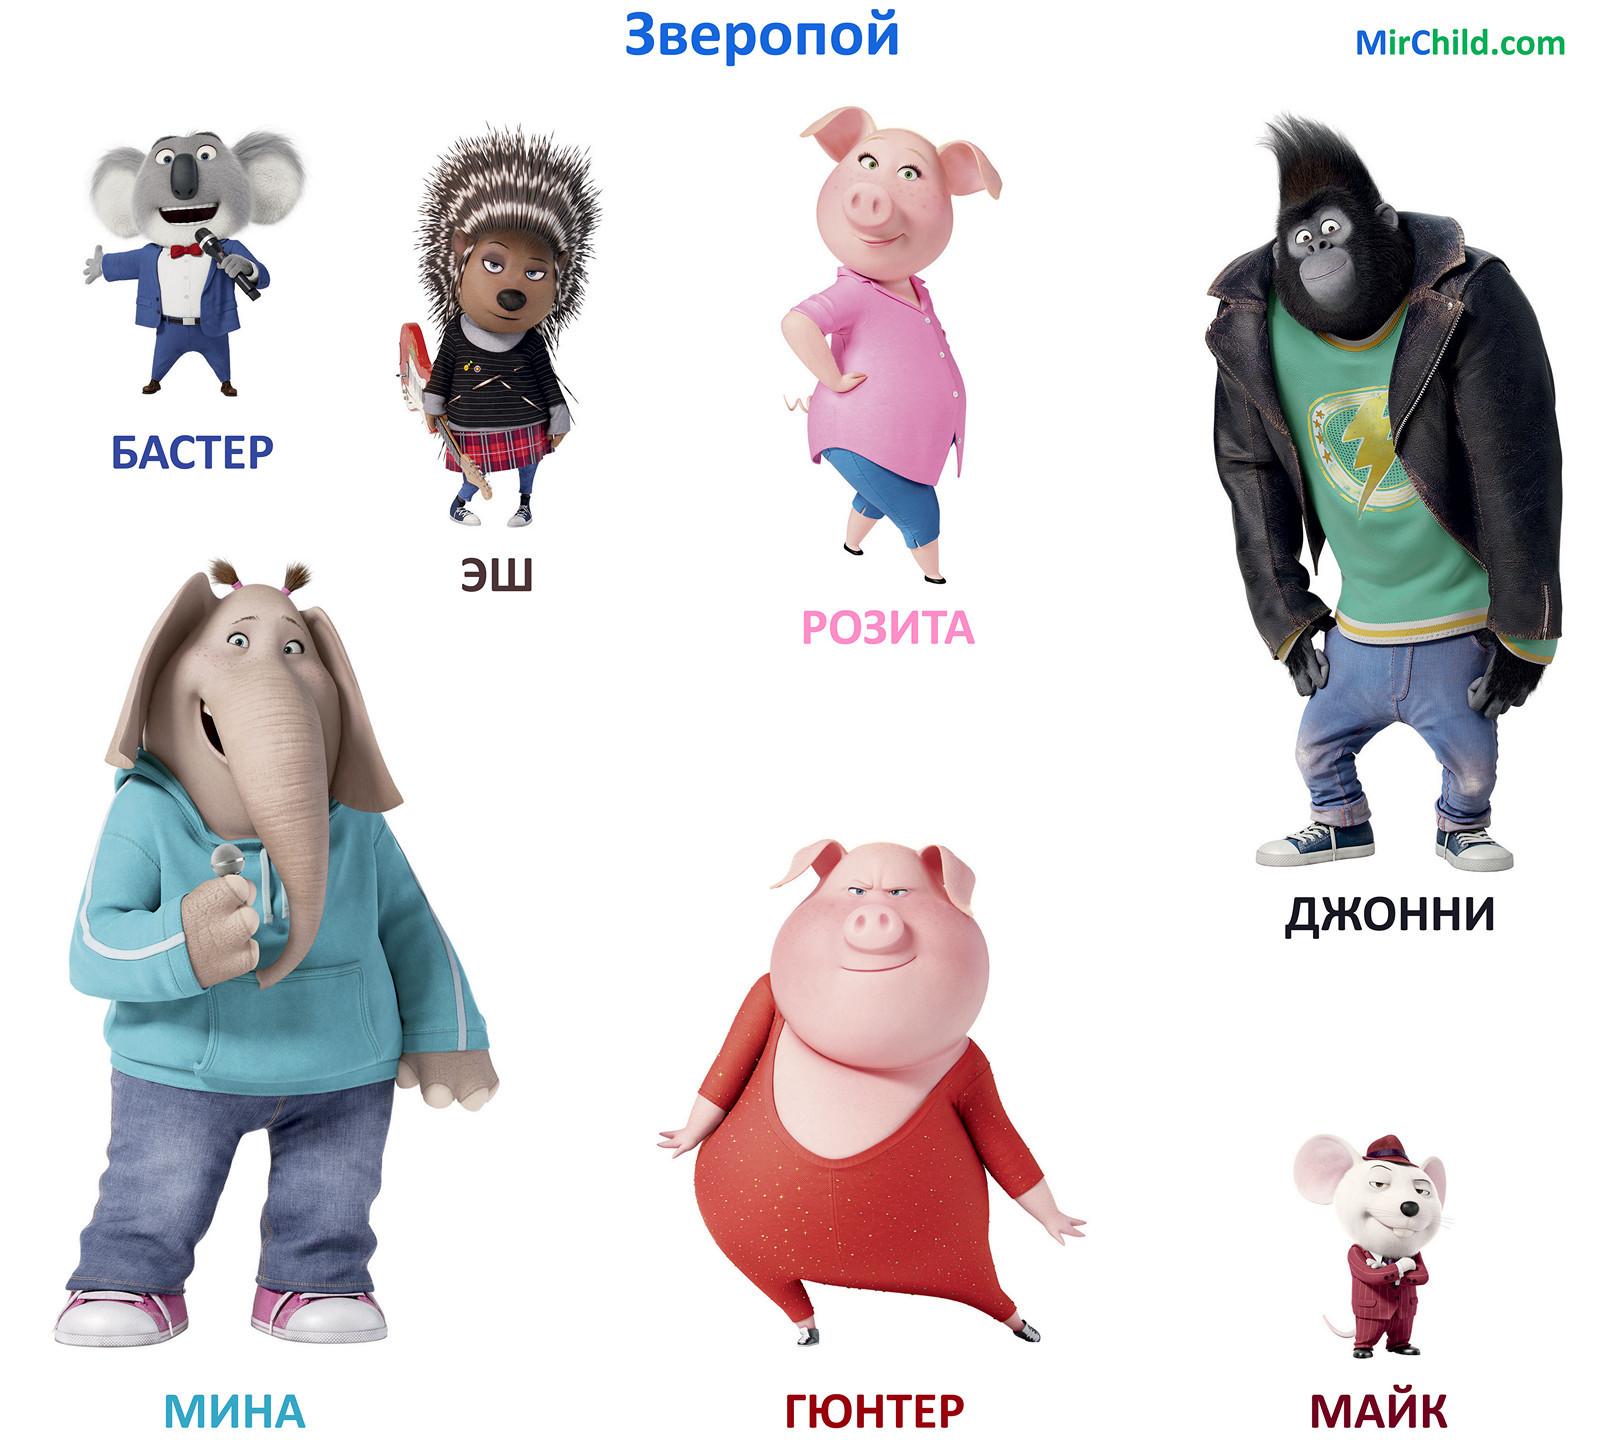 Раскраски - Мультфильм - Зверопой (Sing)